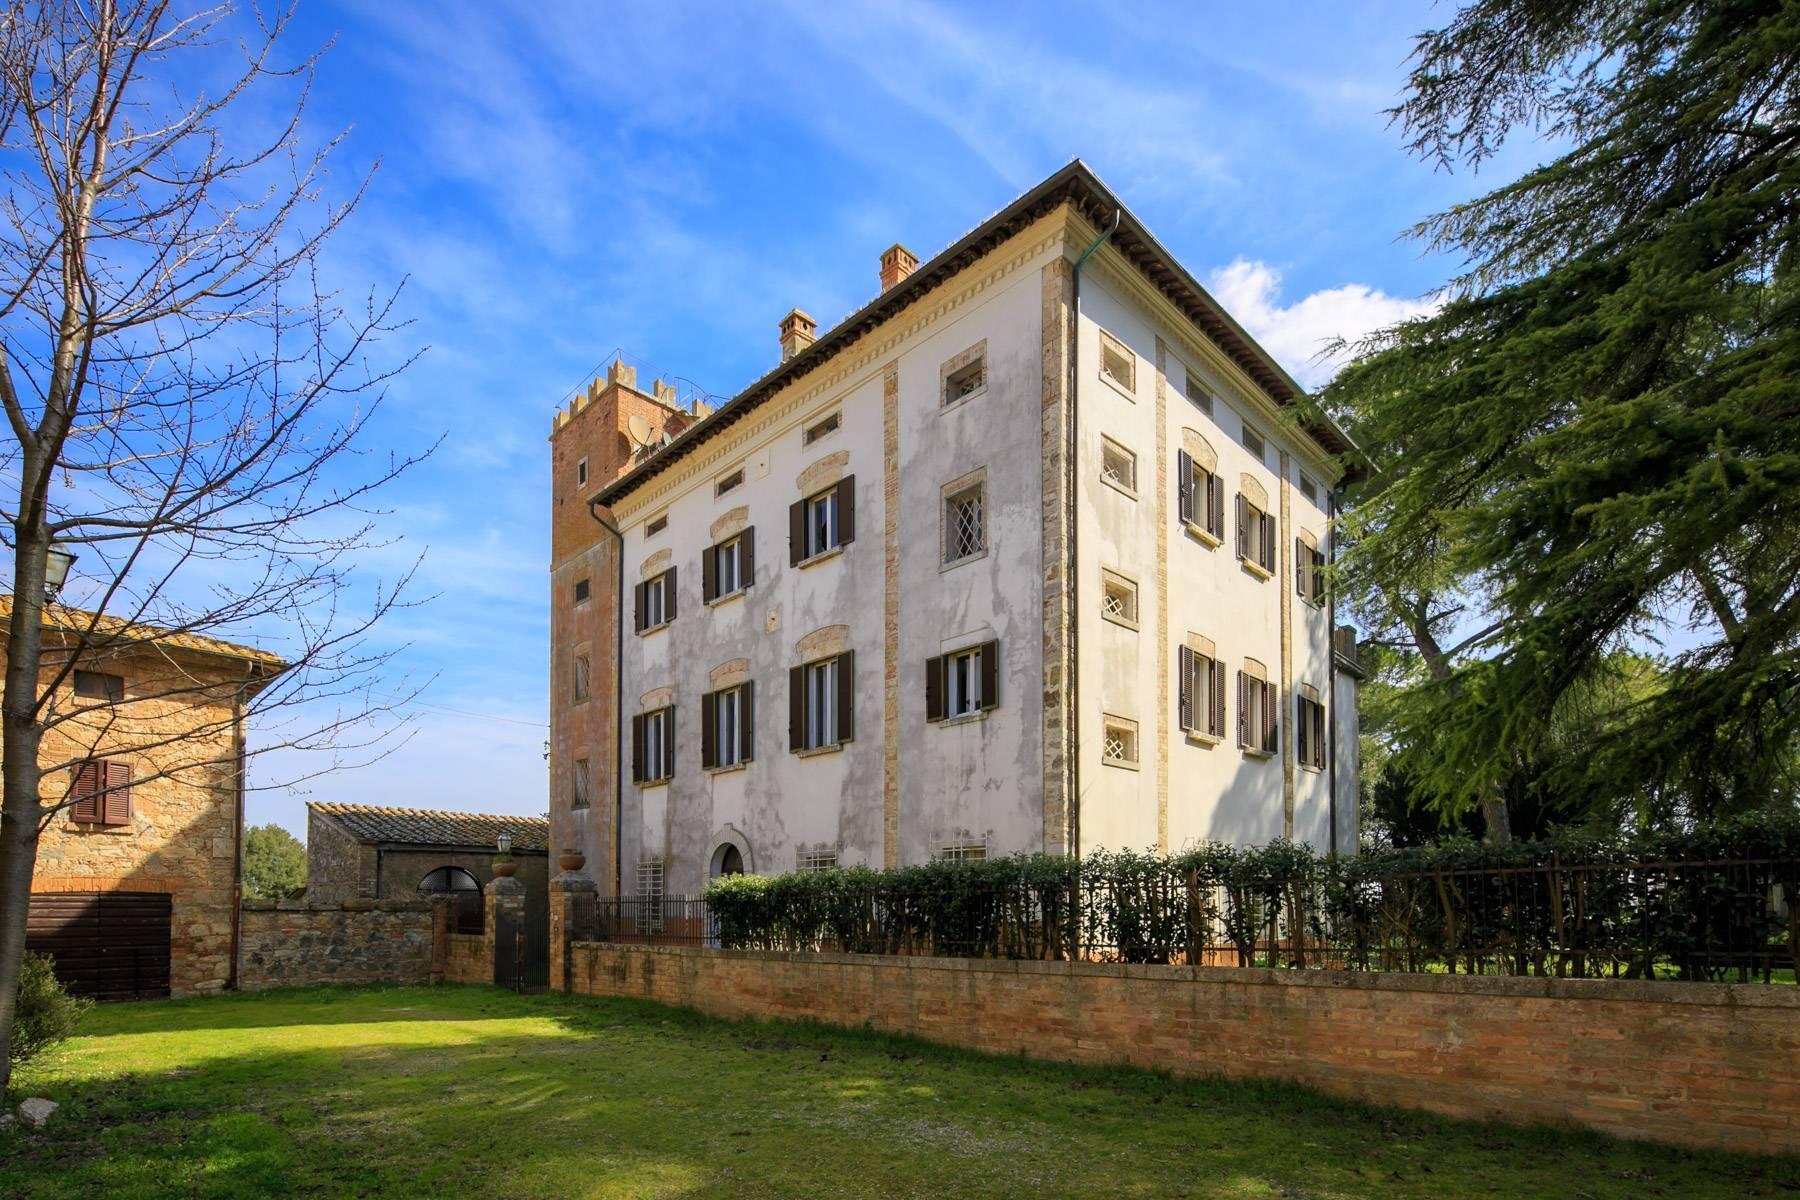 Prächtige historische Villa mit neoklassizistischer Kapelle und Park - 34